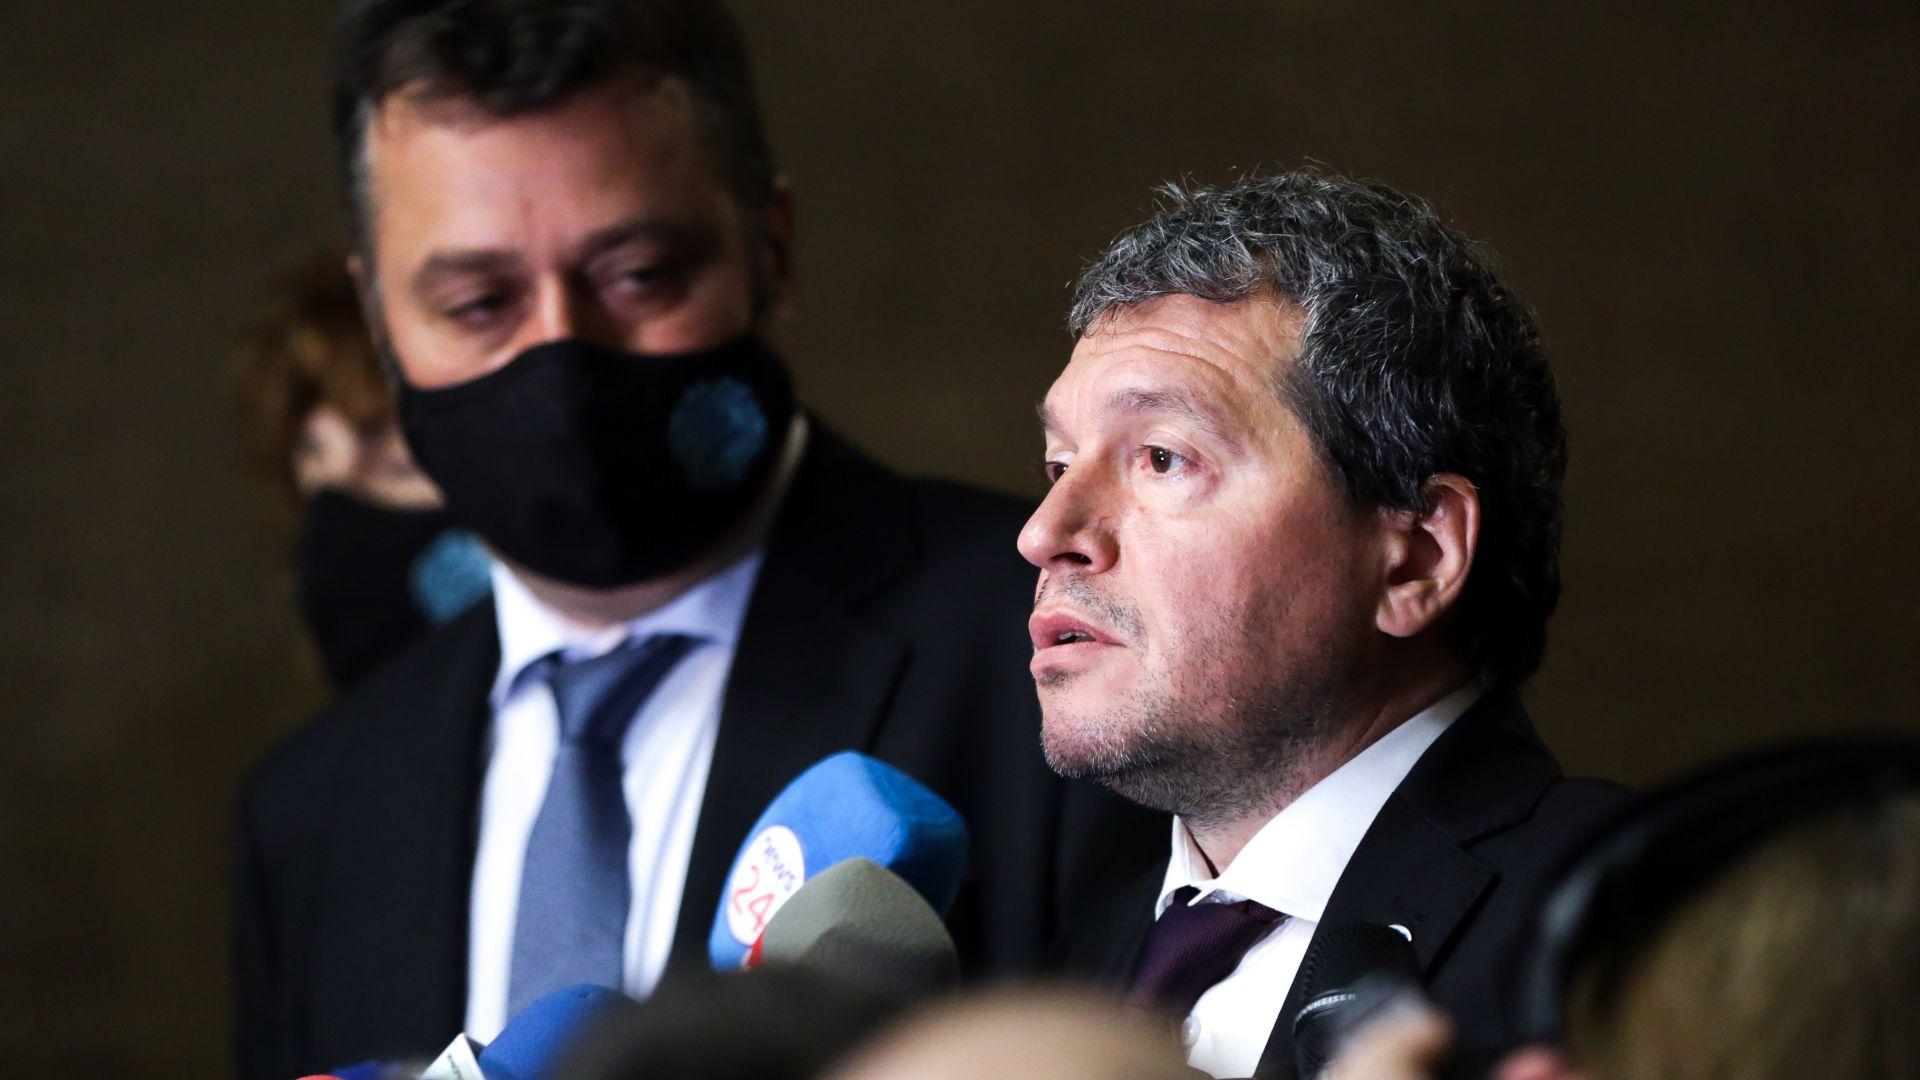 Тошко Йорданов: Пламен Николов е образован, с него като премиер няма да берем срам в ЕС